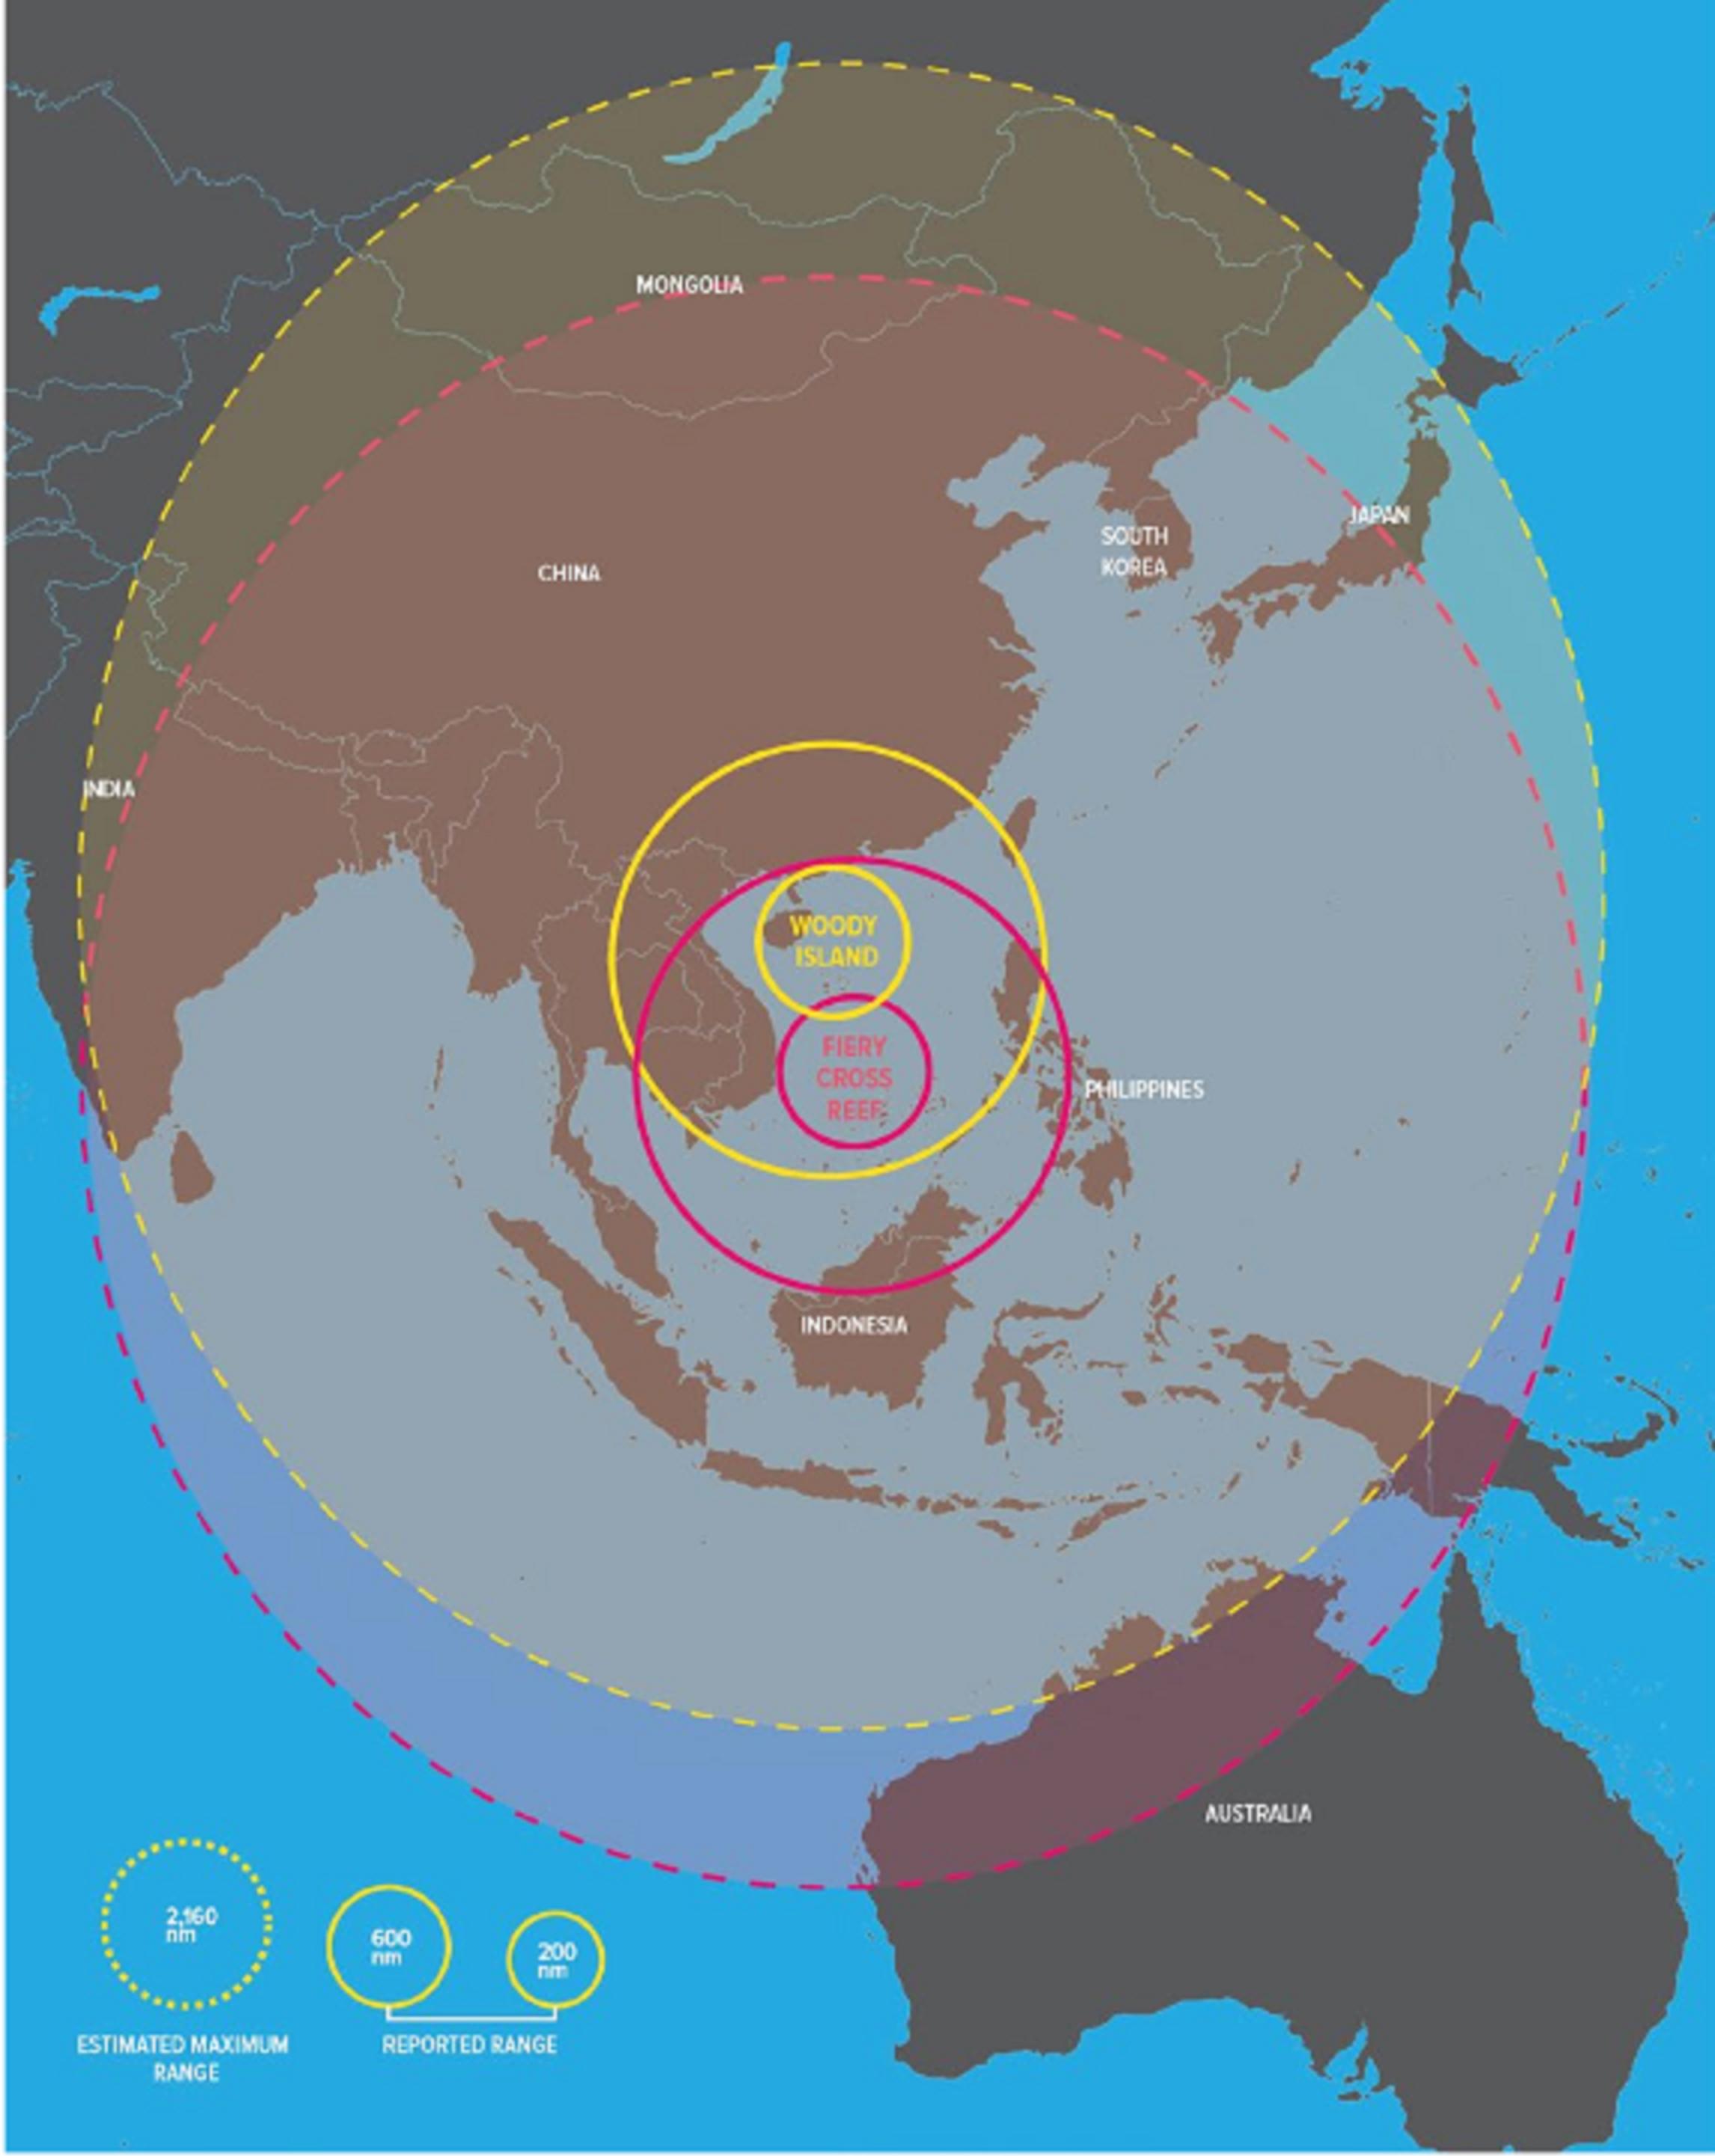 La portée des systèmes chinois A2/AD depuis l'île Woody